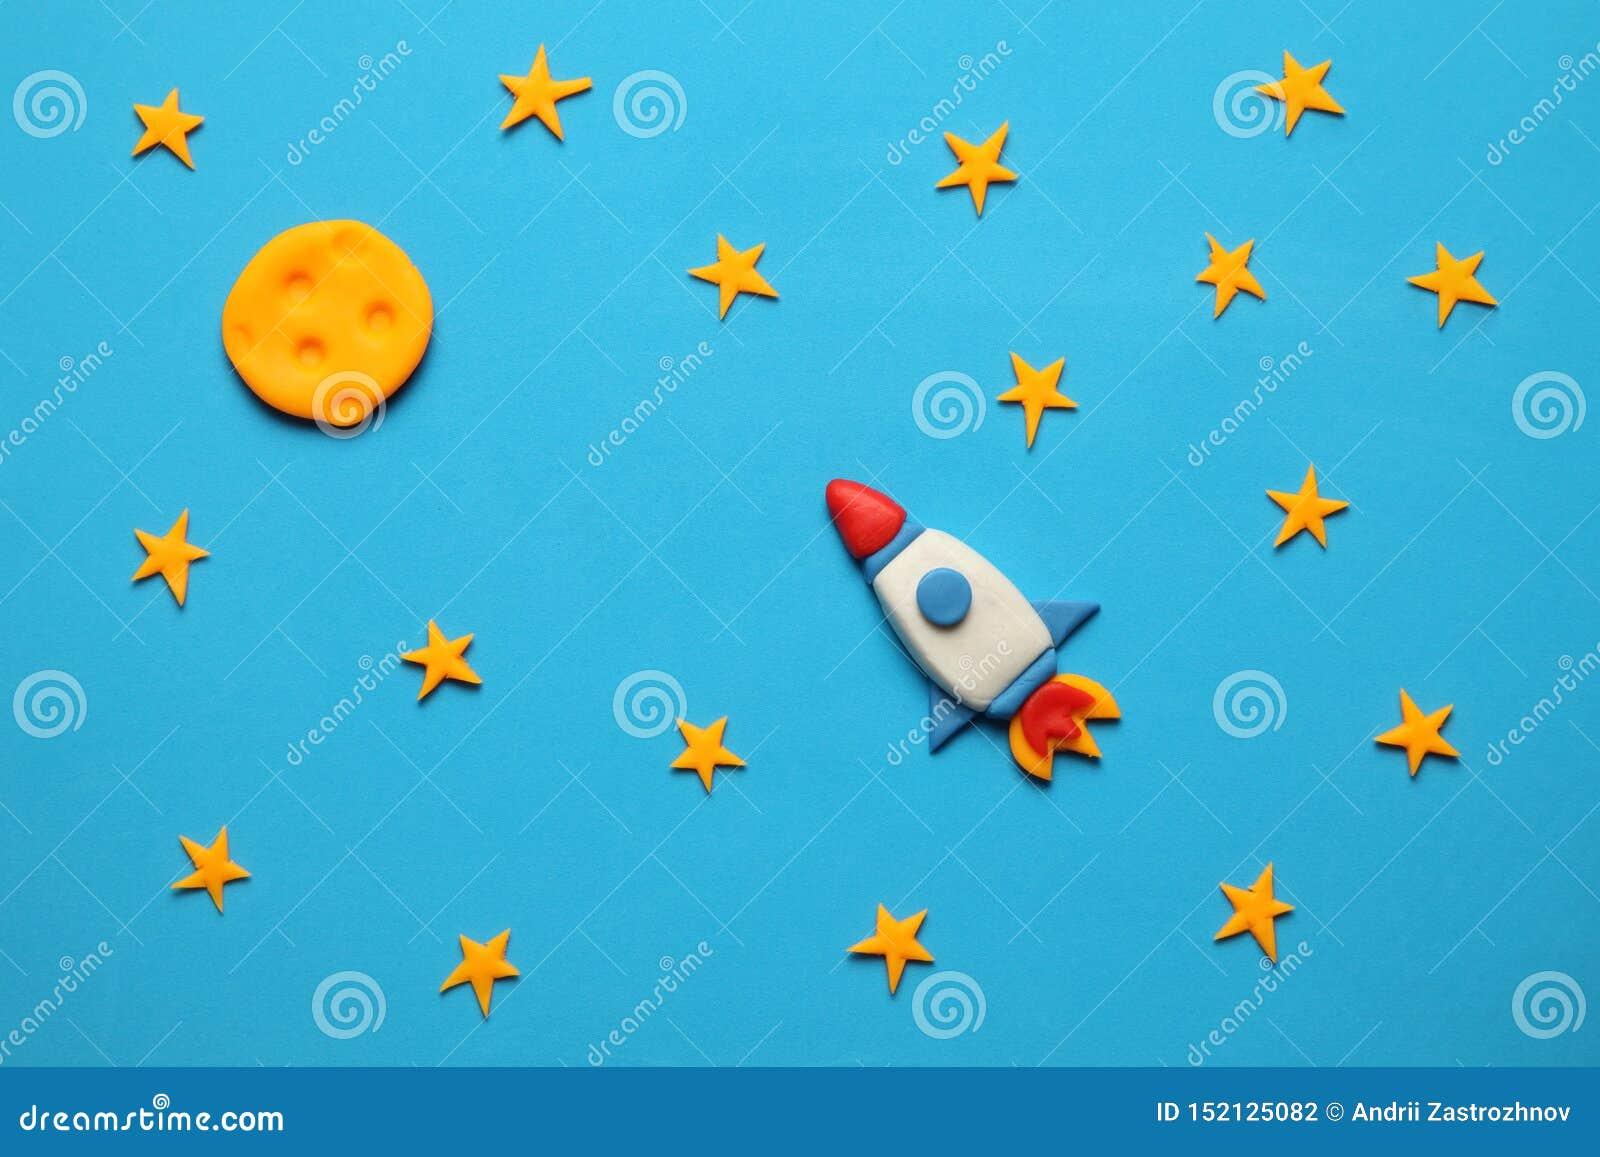 Podskakuje w przestrzeni, gwiazdzie i księżyc, Plasteliny sztuka, kresk?wka